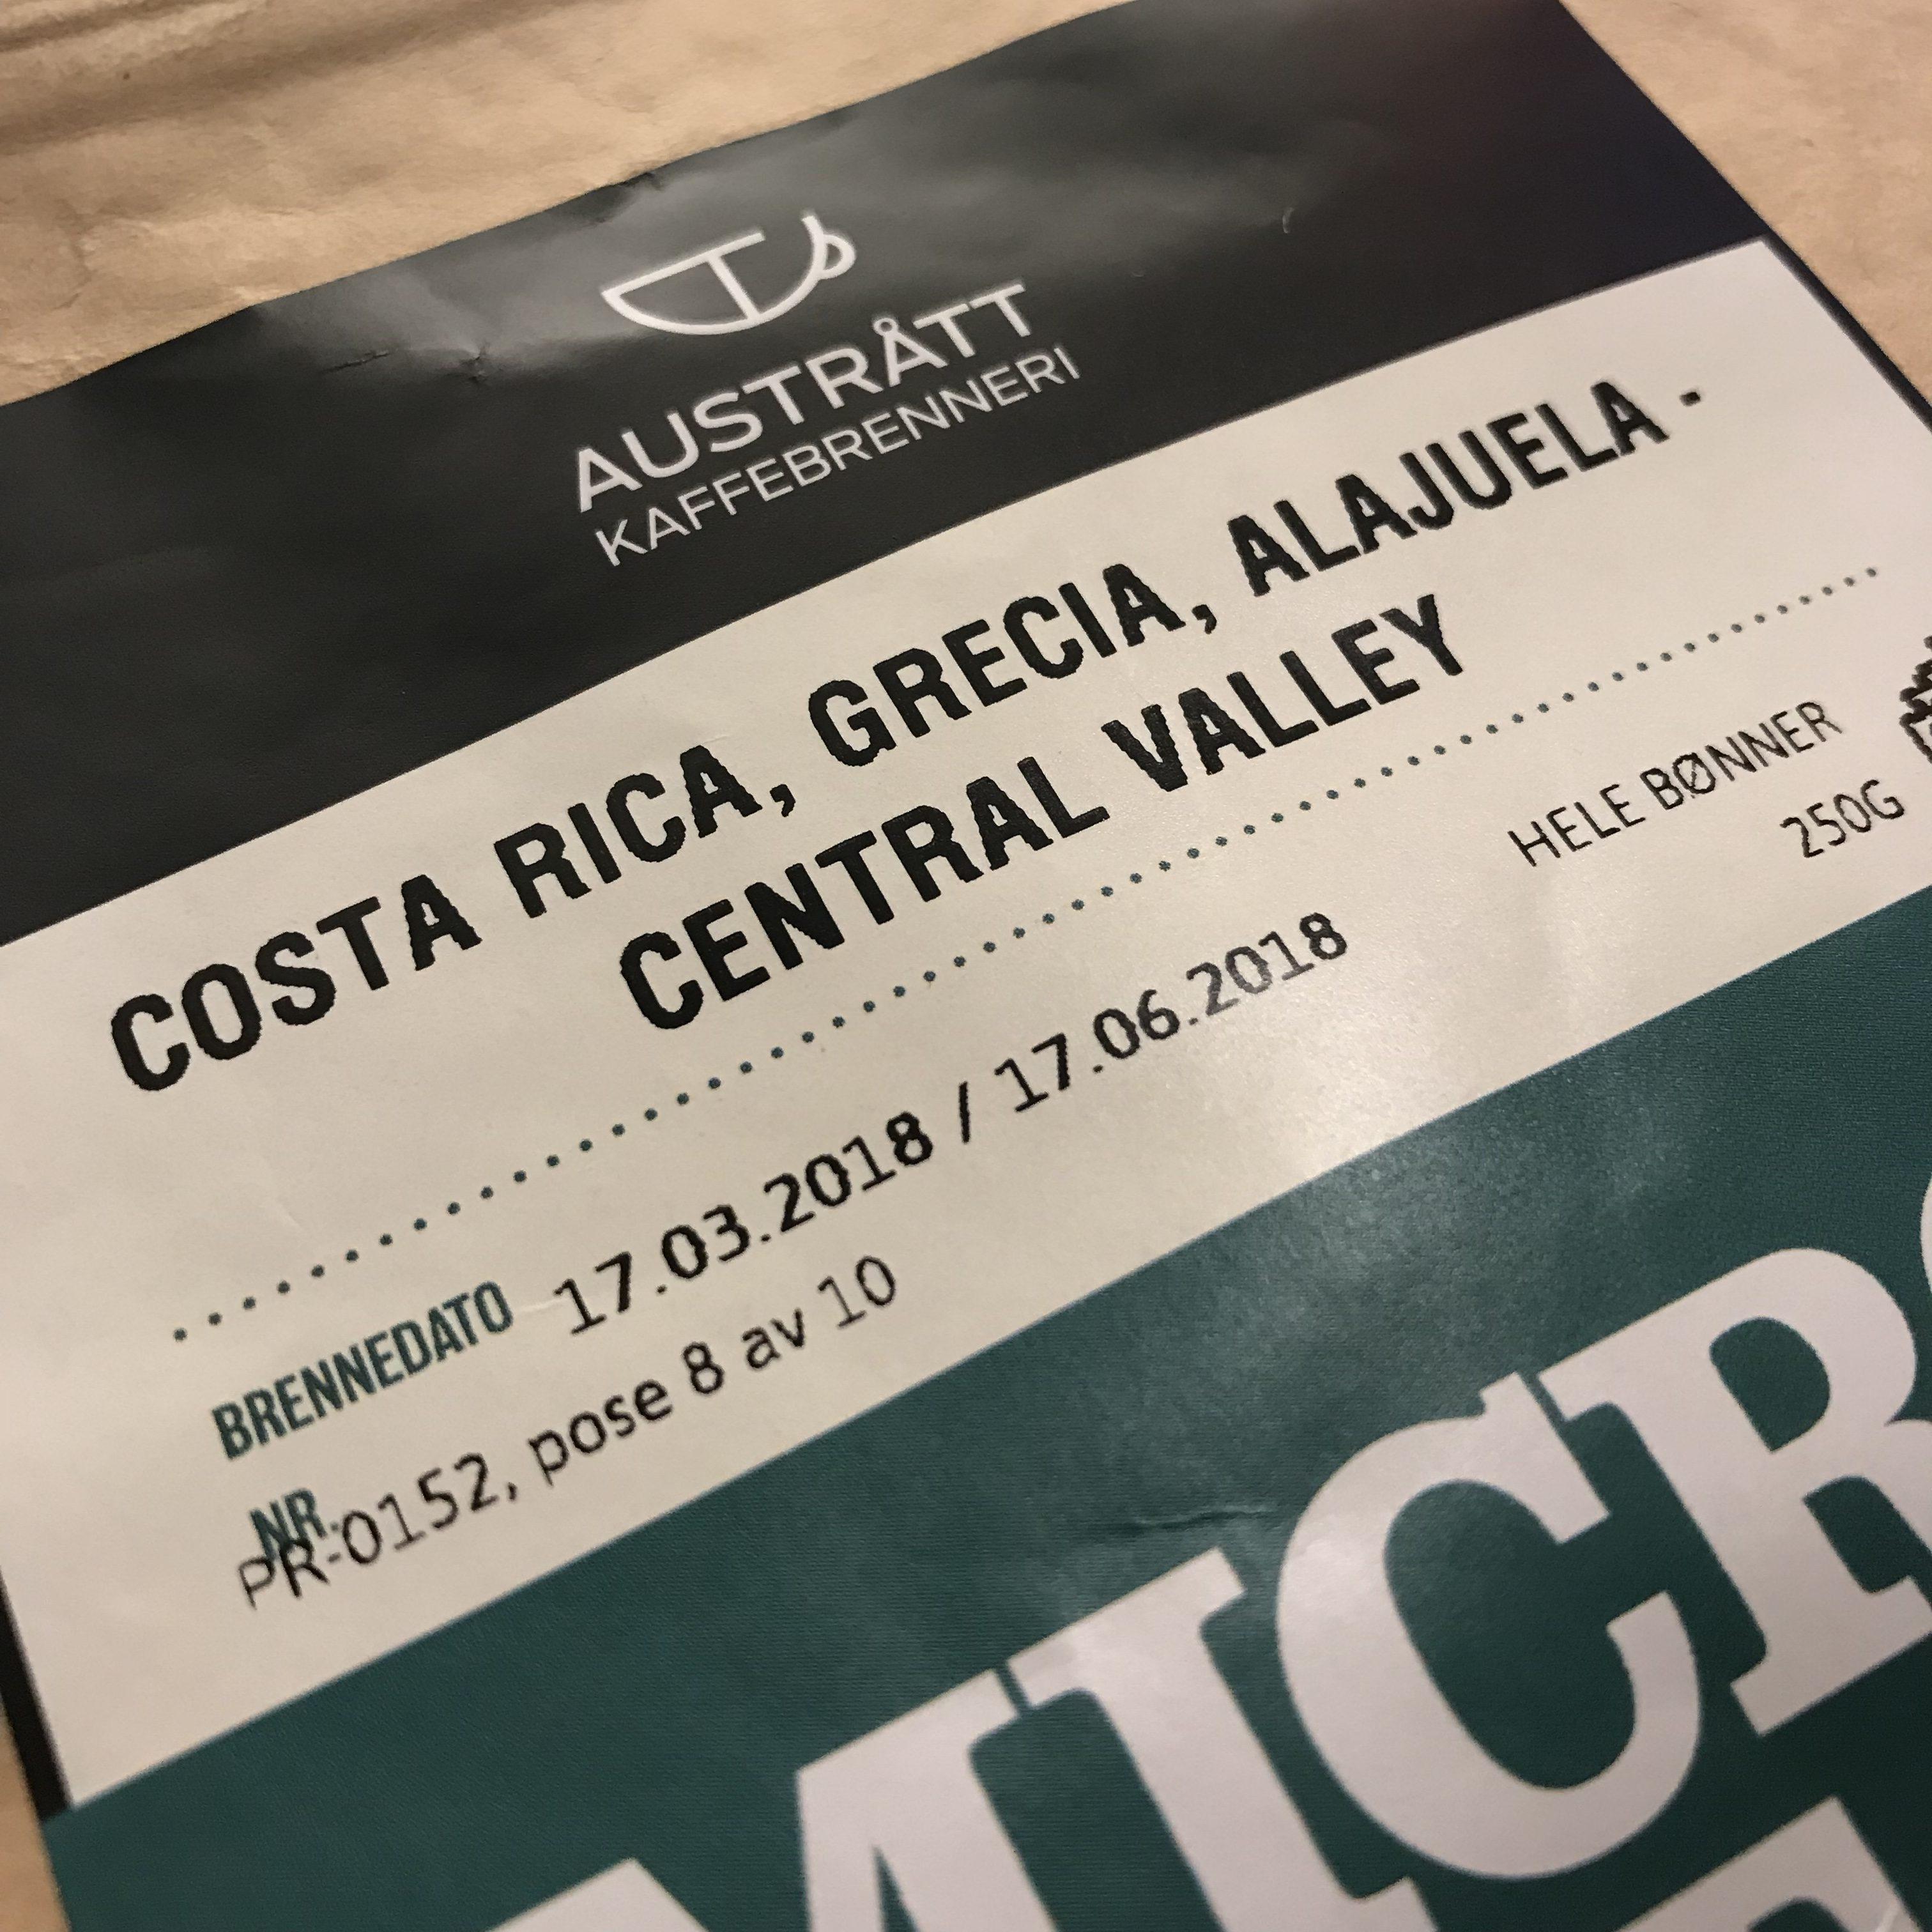 Austrått Kaffebrenneri Microlot Costa Rica